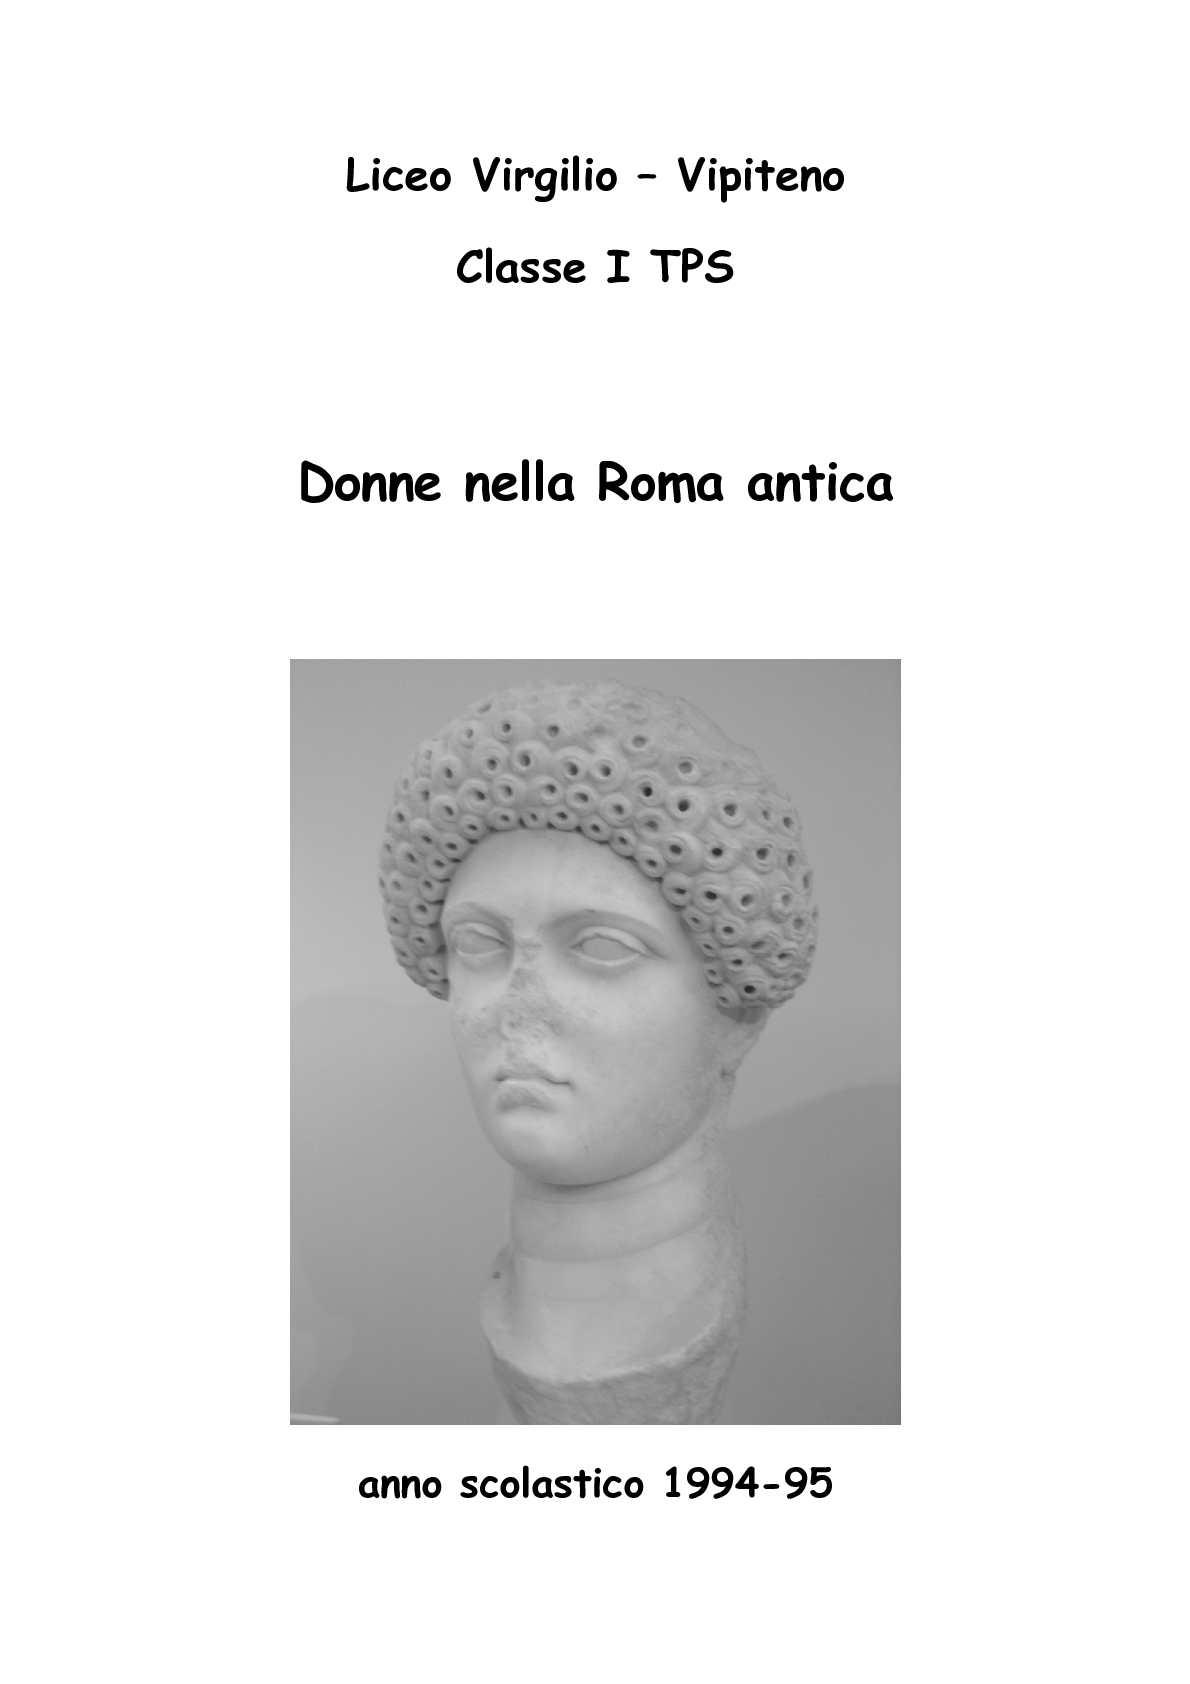 Calaméo - Donne nella Roma antica